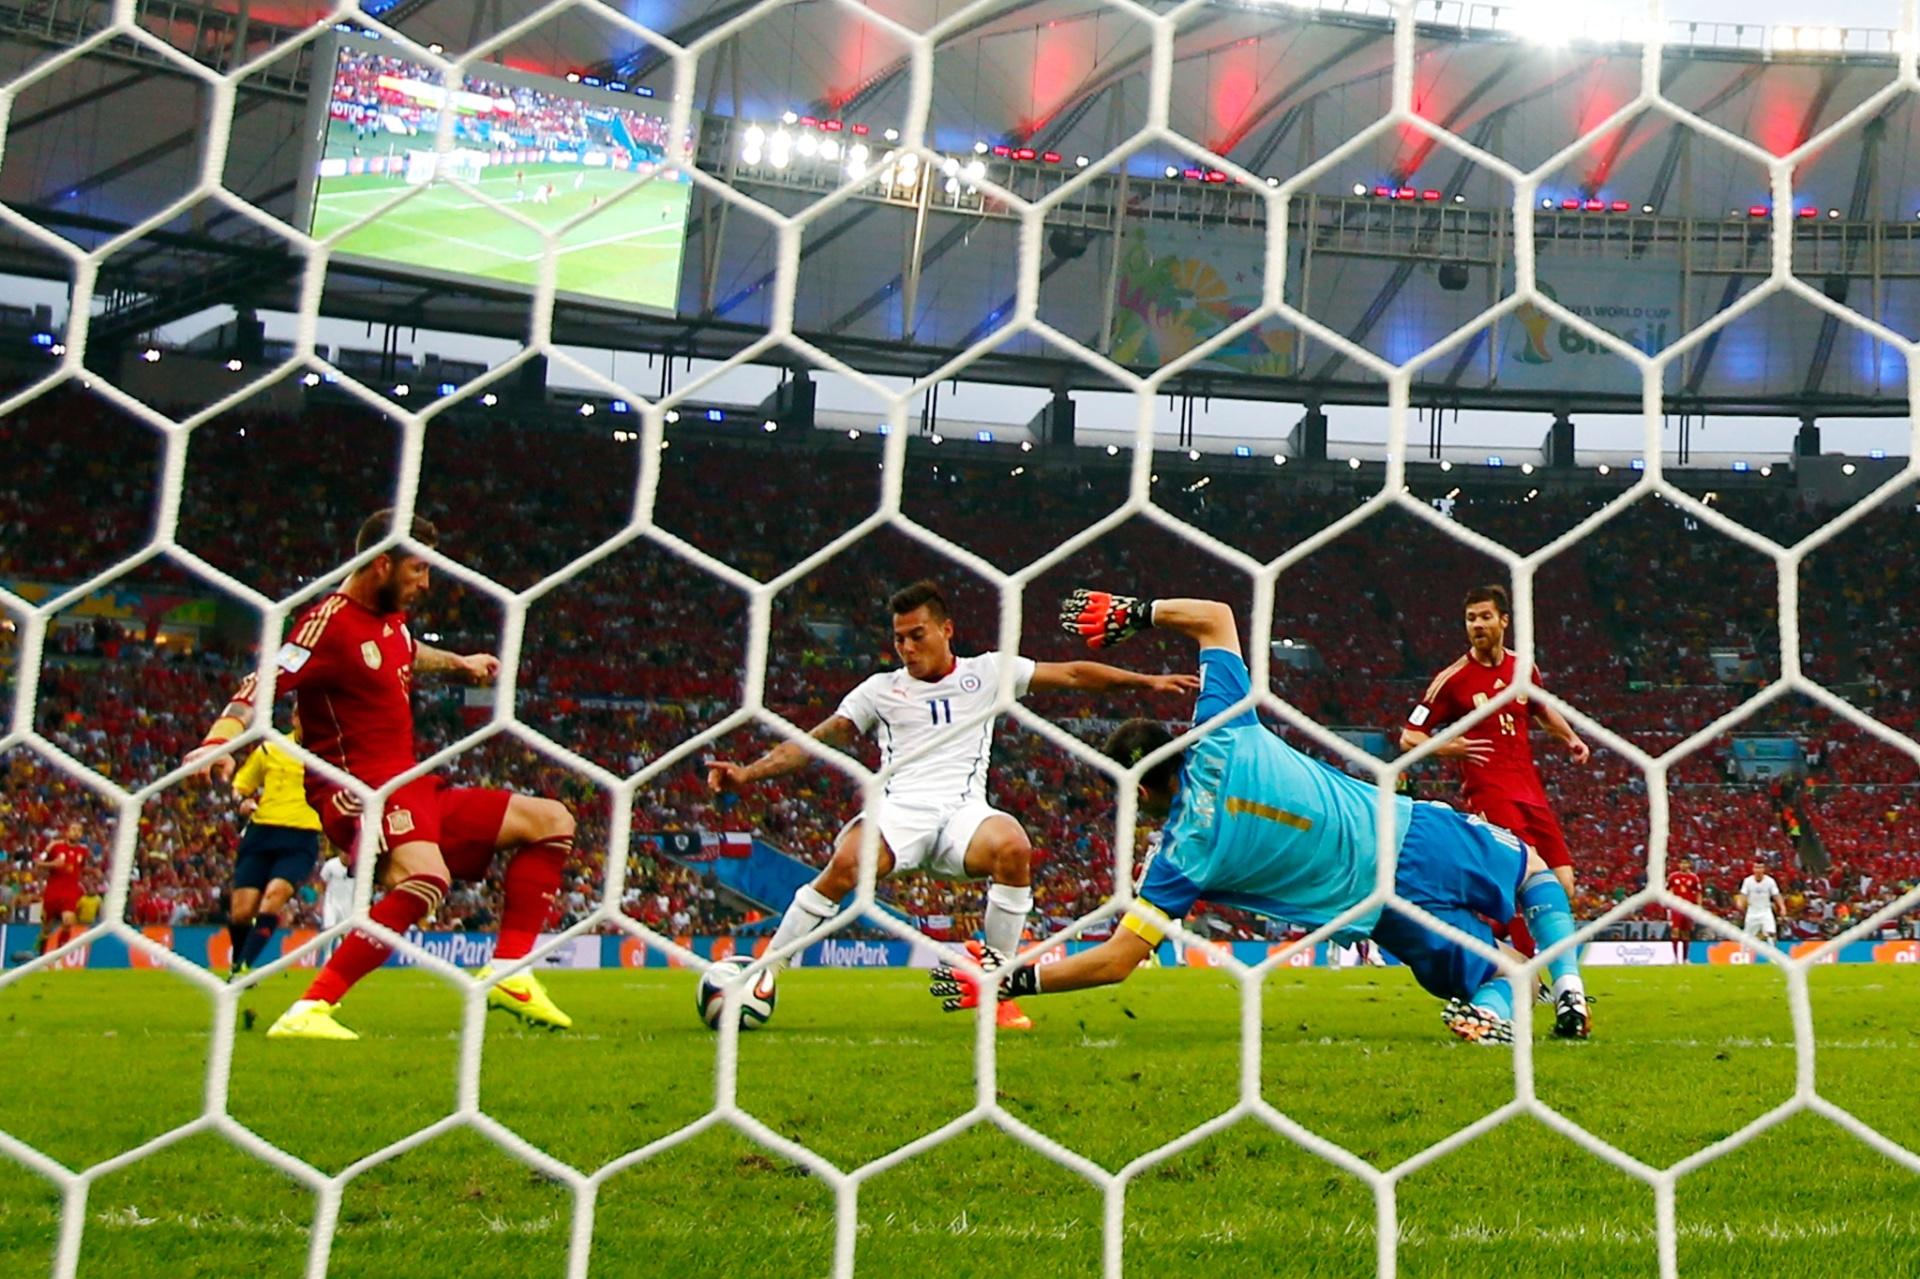 Vargas aproveita cruzamento e marca o primeiro do Chile contra a Espanha, no Maracanã